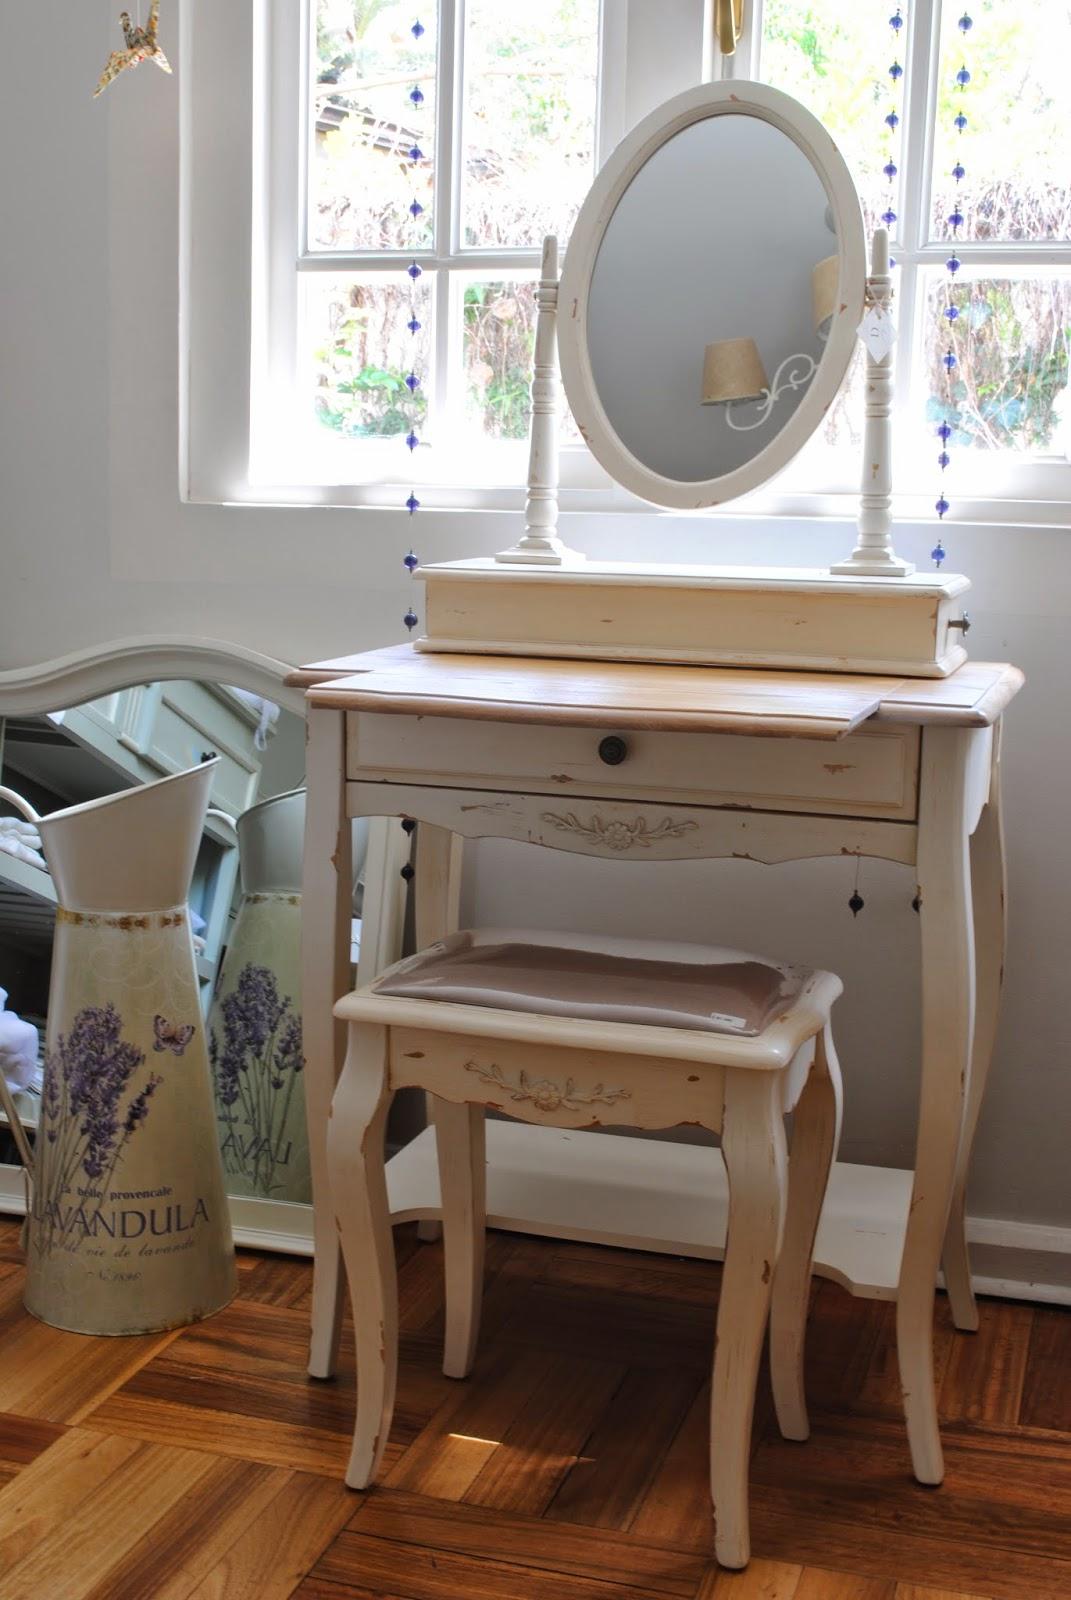 Paz montealegre decoraci n muebles normando y provenzal for Espejo ovalado blanco